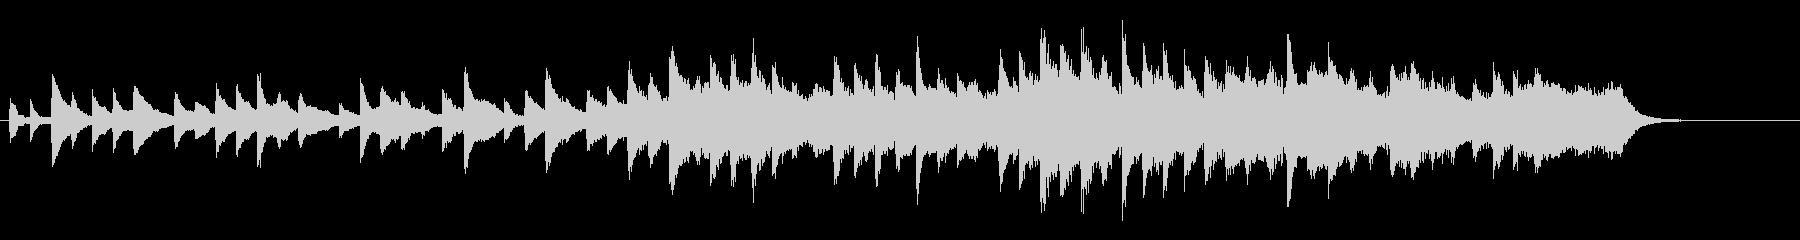 ピアノとストリングス悲しい短い曲 30秒の未再生の波形